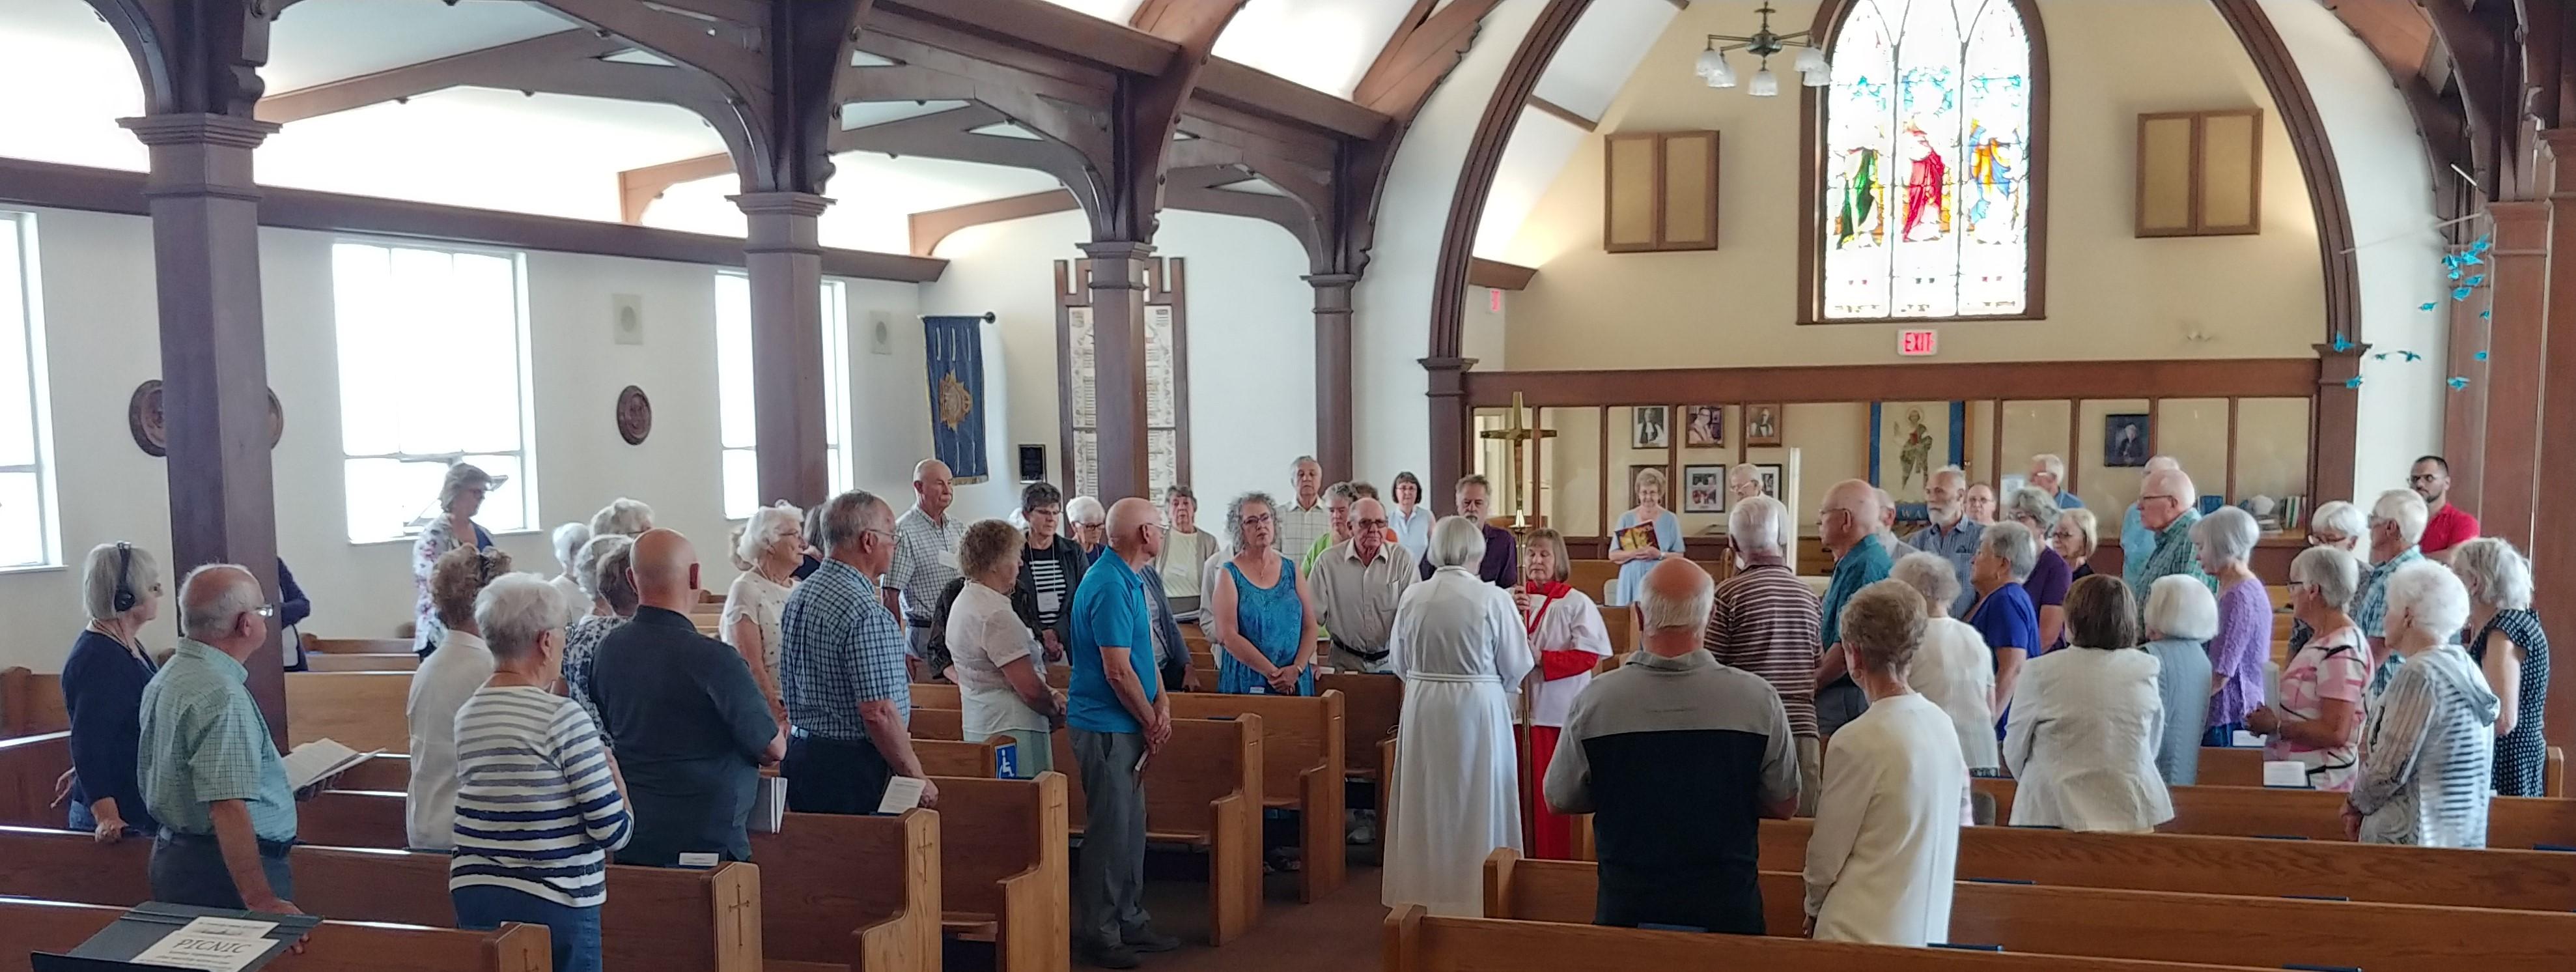 Congregation worshipping.